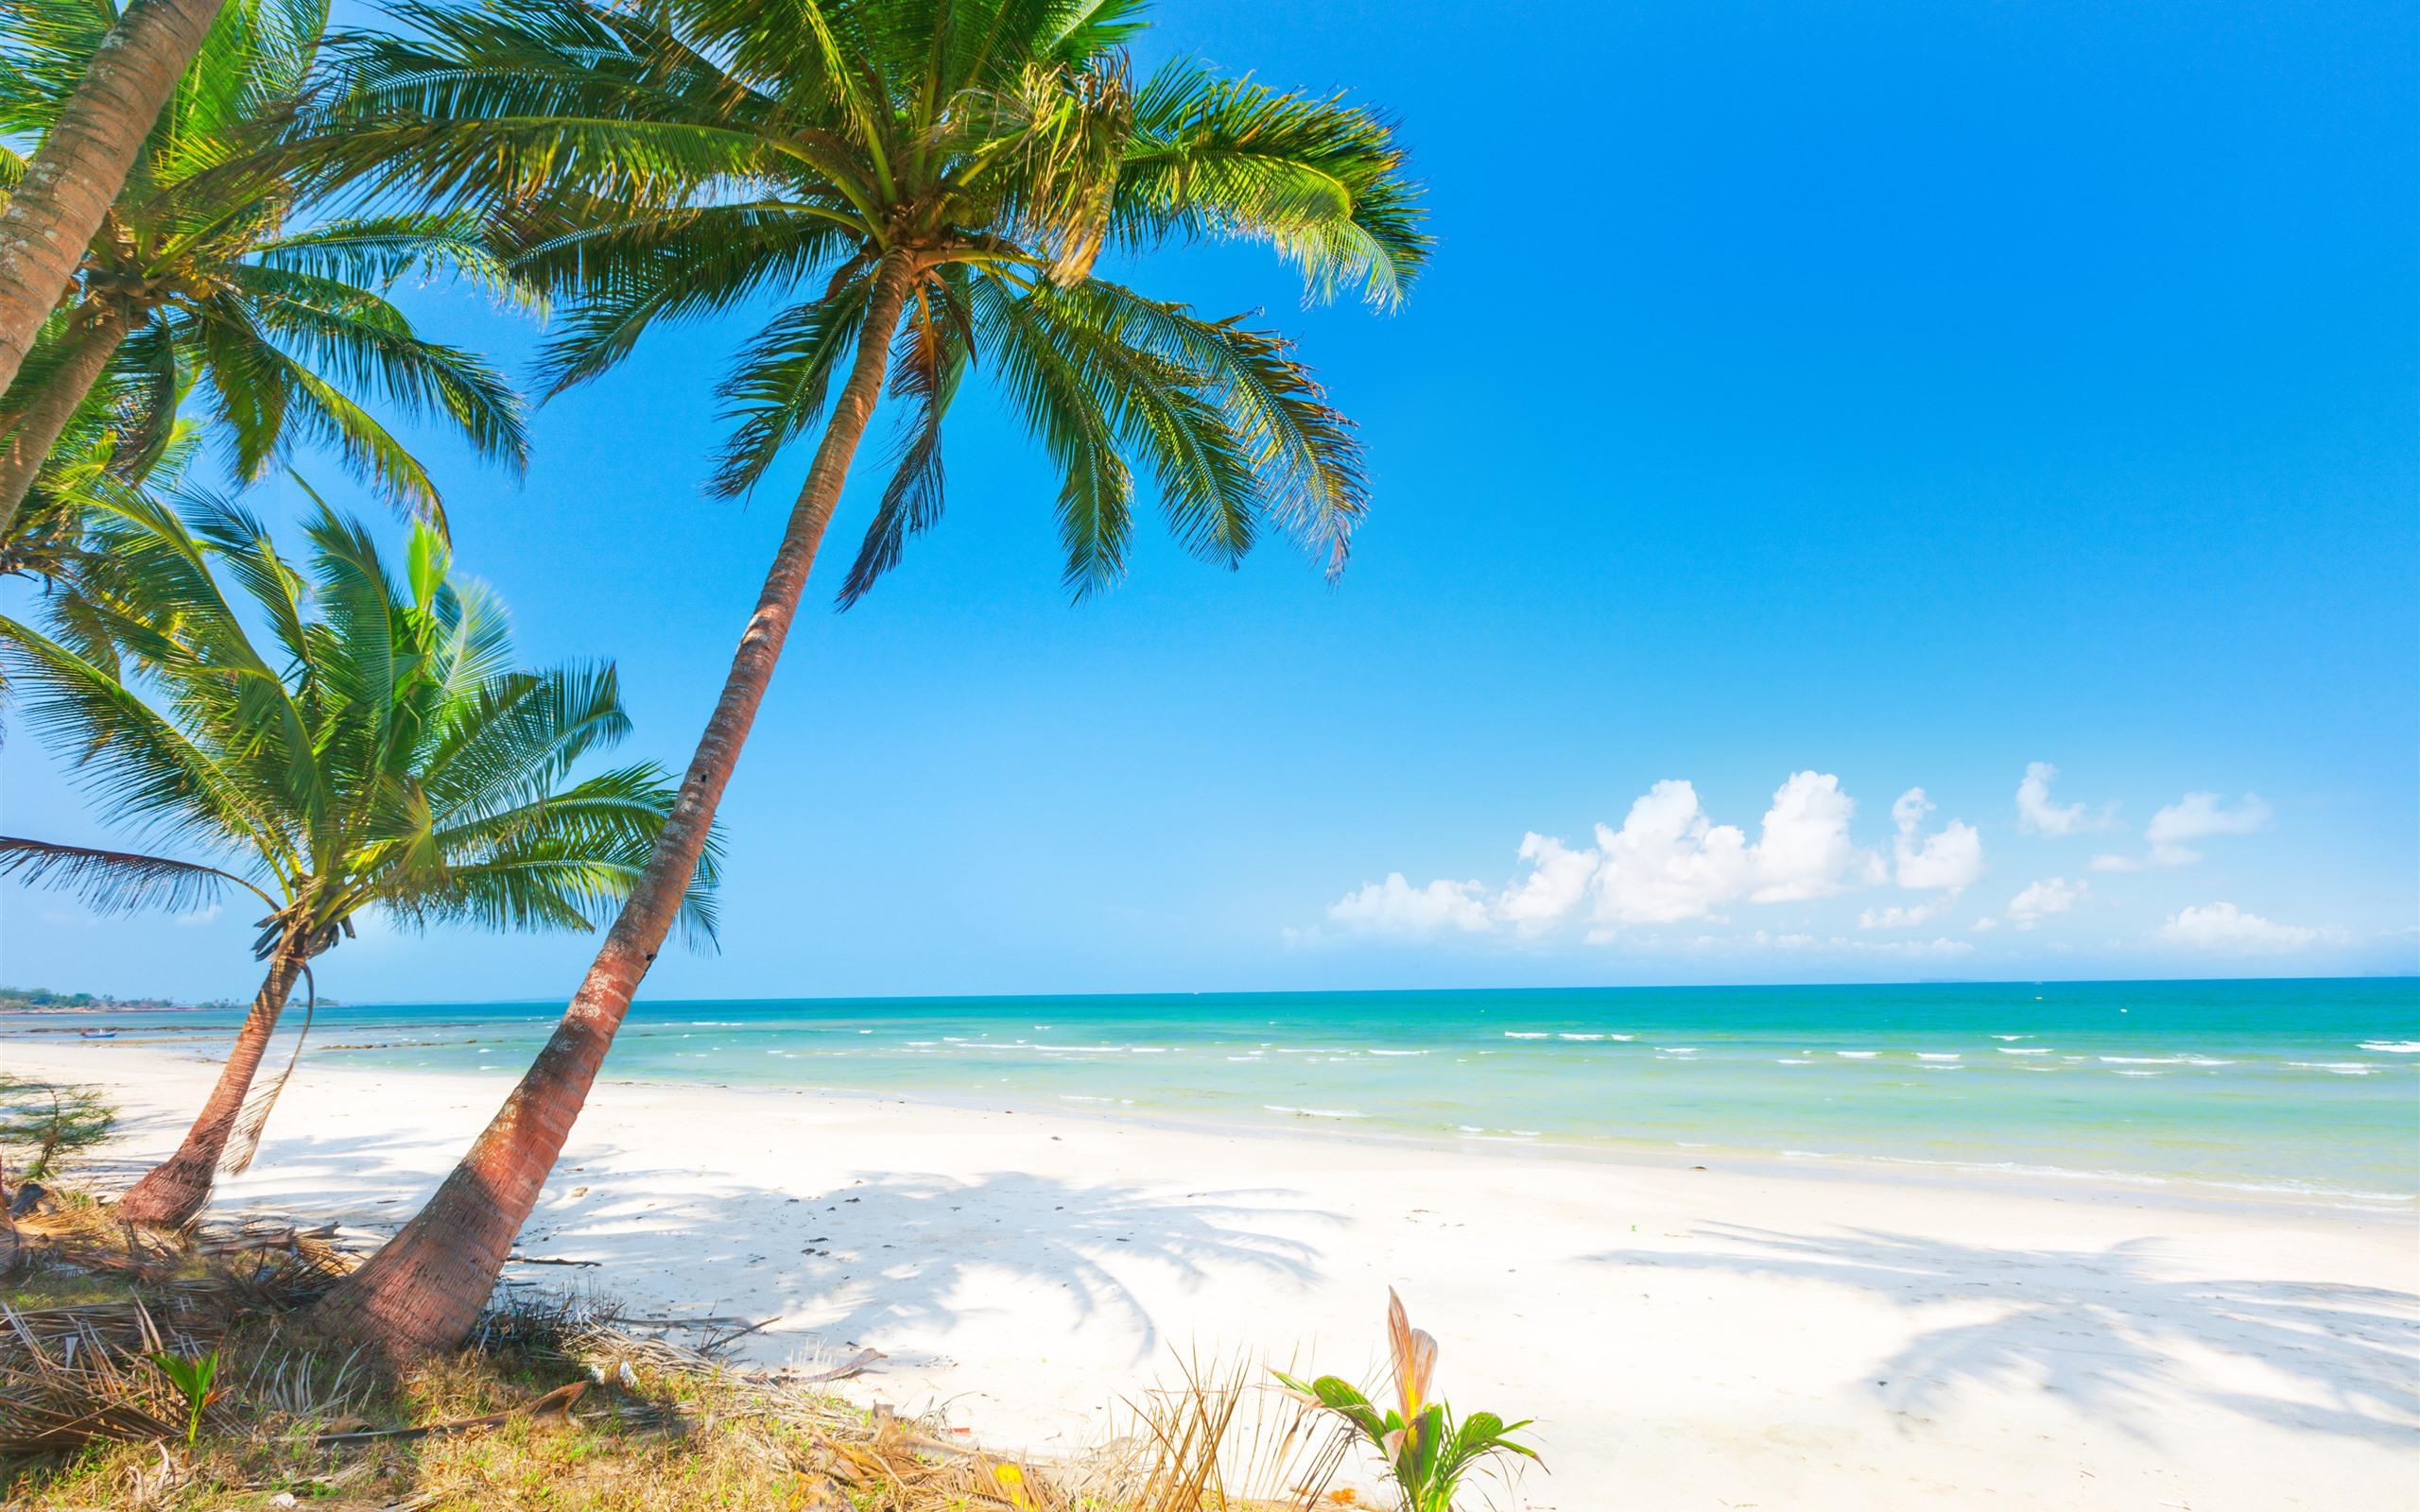 sommer, strand, palmen, meer 3840x2160 uhd 4k hintergrundbilder, hd